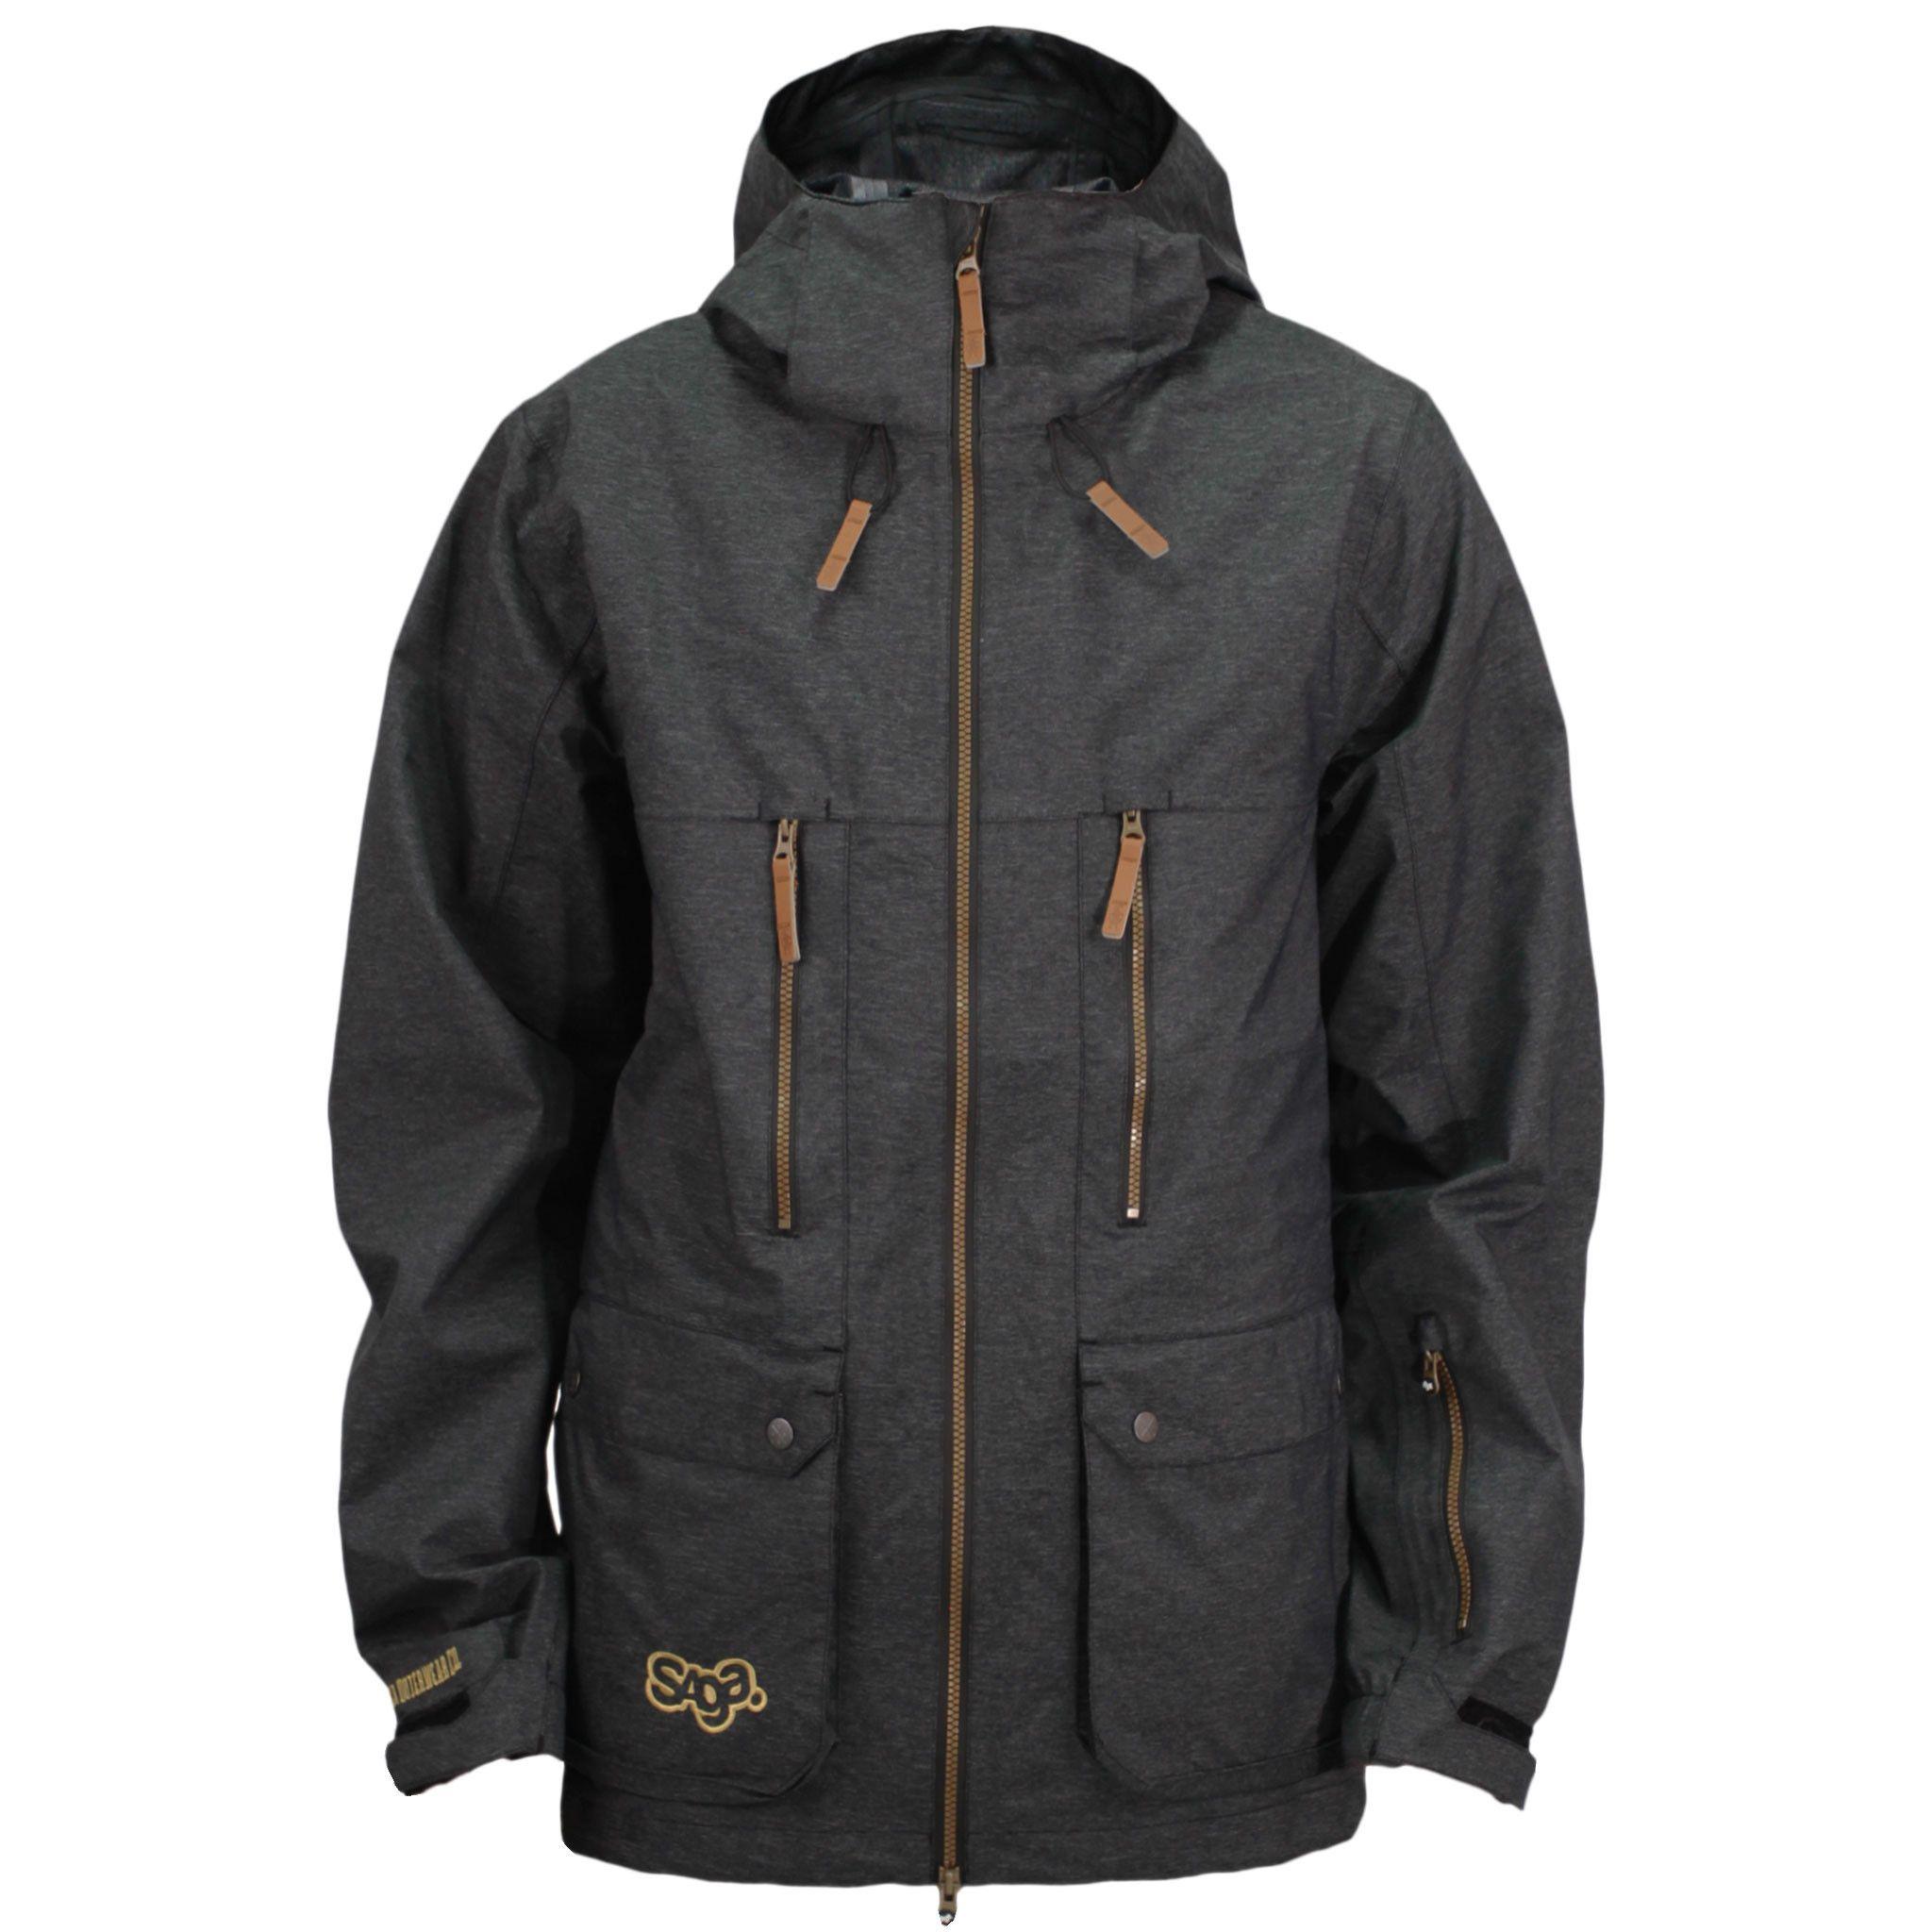 Monarch 3l Jacket Jackets Athletic Jacket Puma Jacket [ 2048 x 2048 Pixel ]